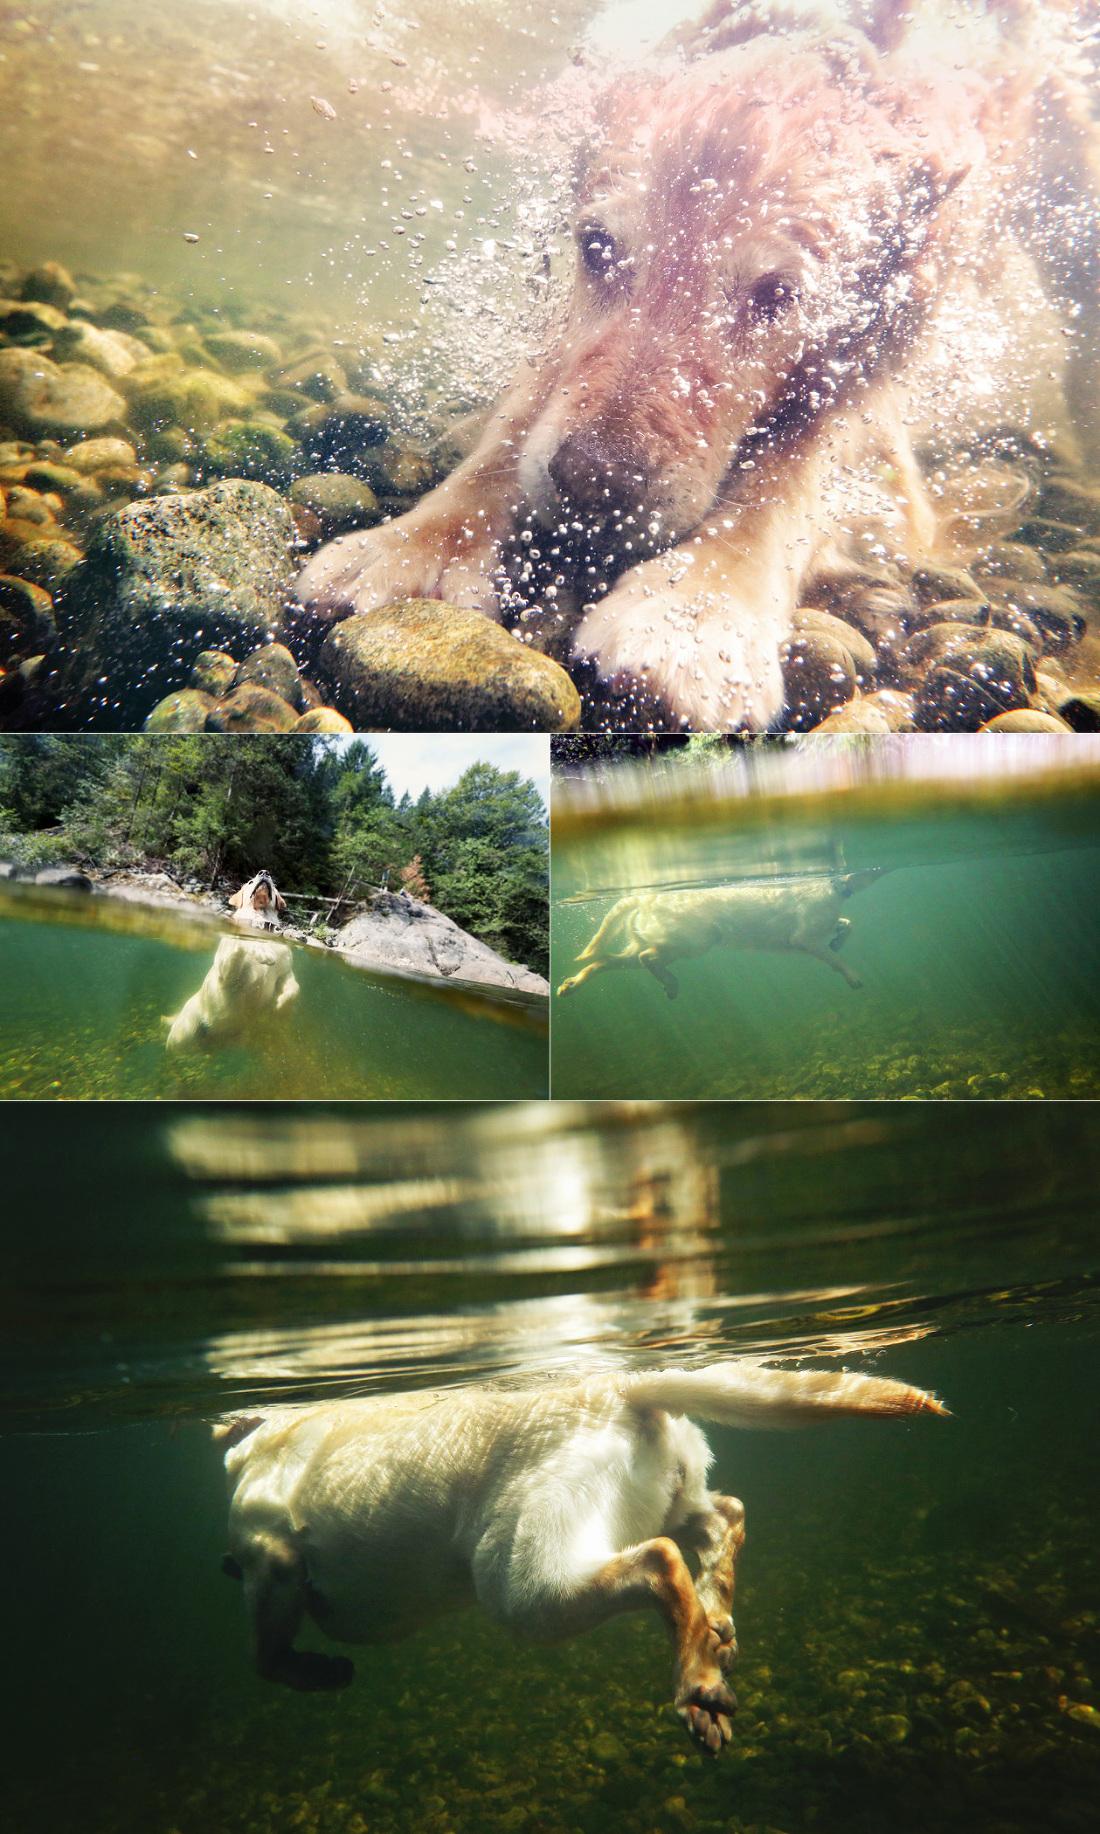 underwaterdogs2